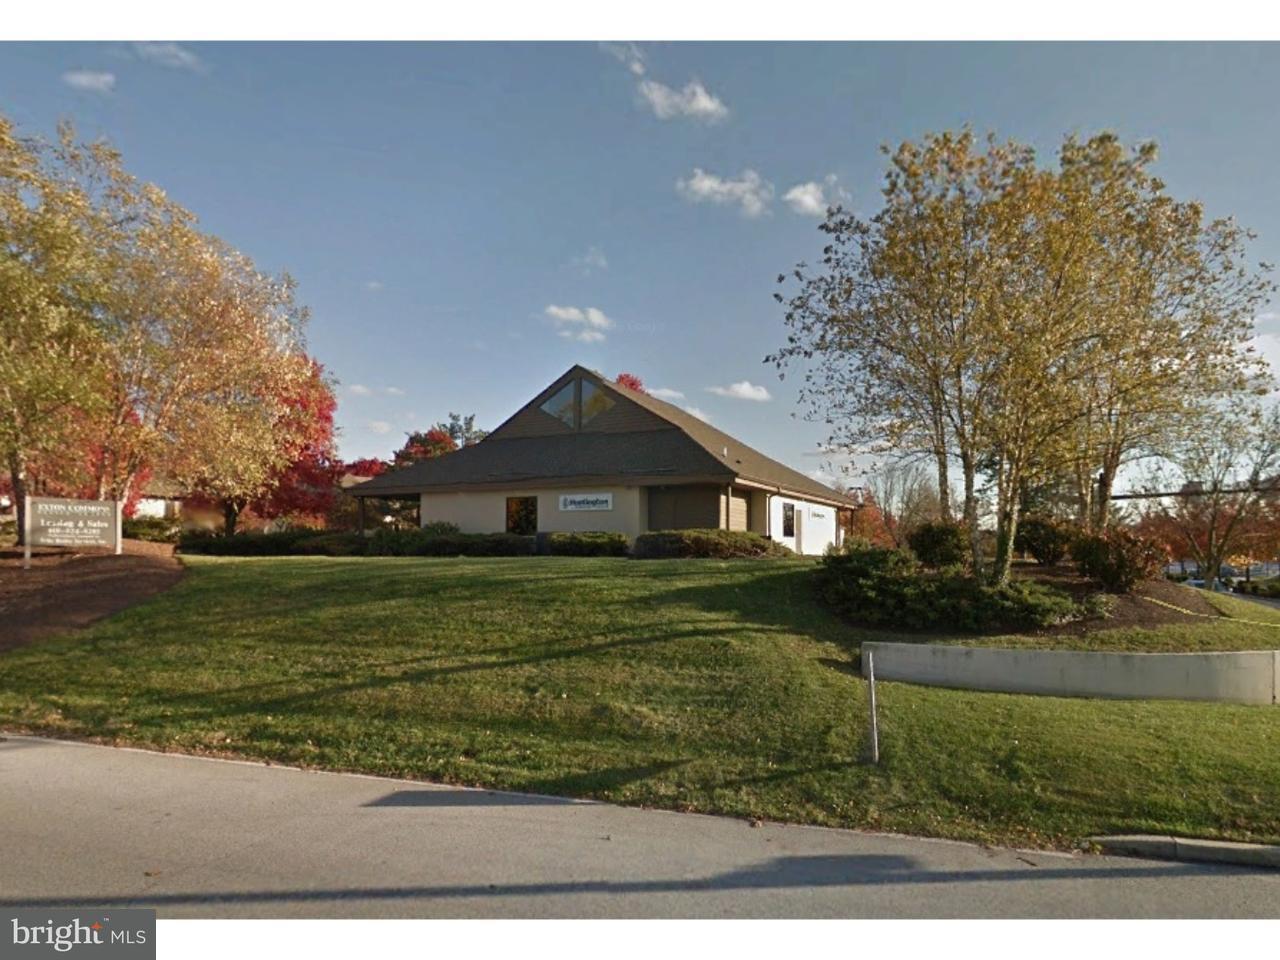 Maison unifamiliale pour l Vente à 100 EXTON CMNS #74 Exton, Pennsylvanie 19341 États-Unis